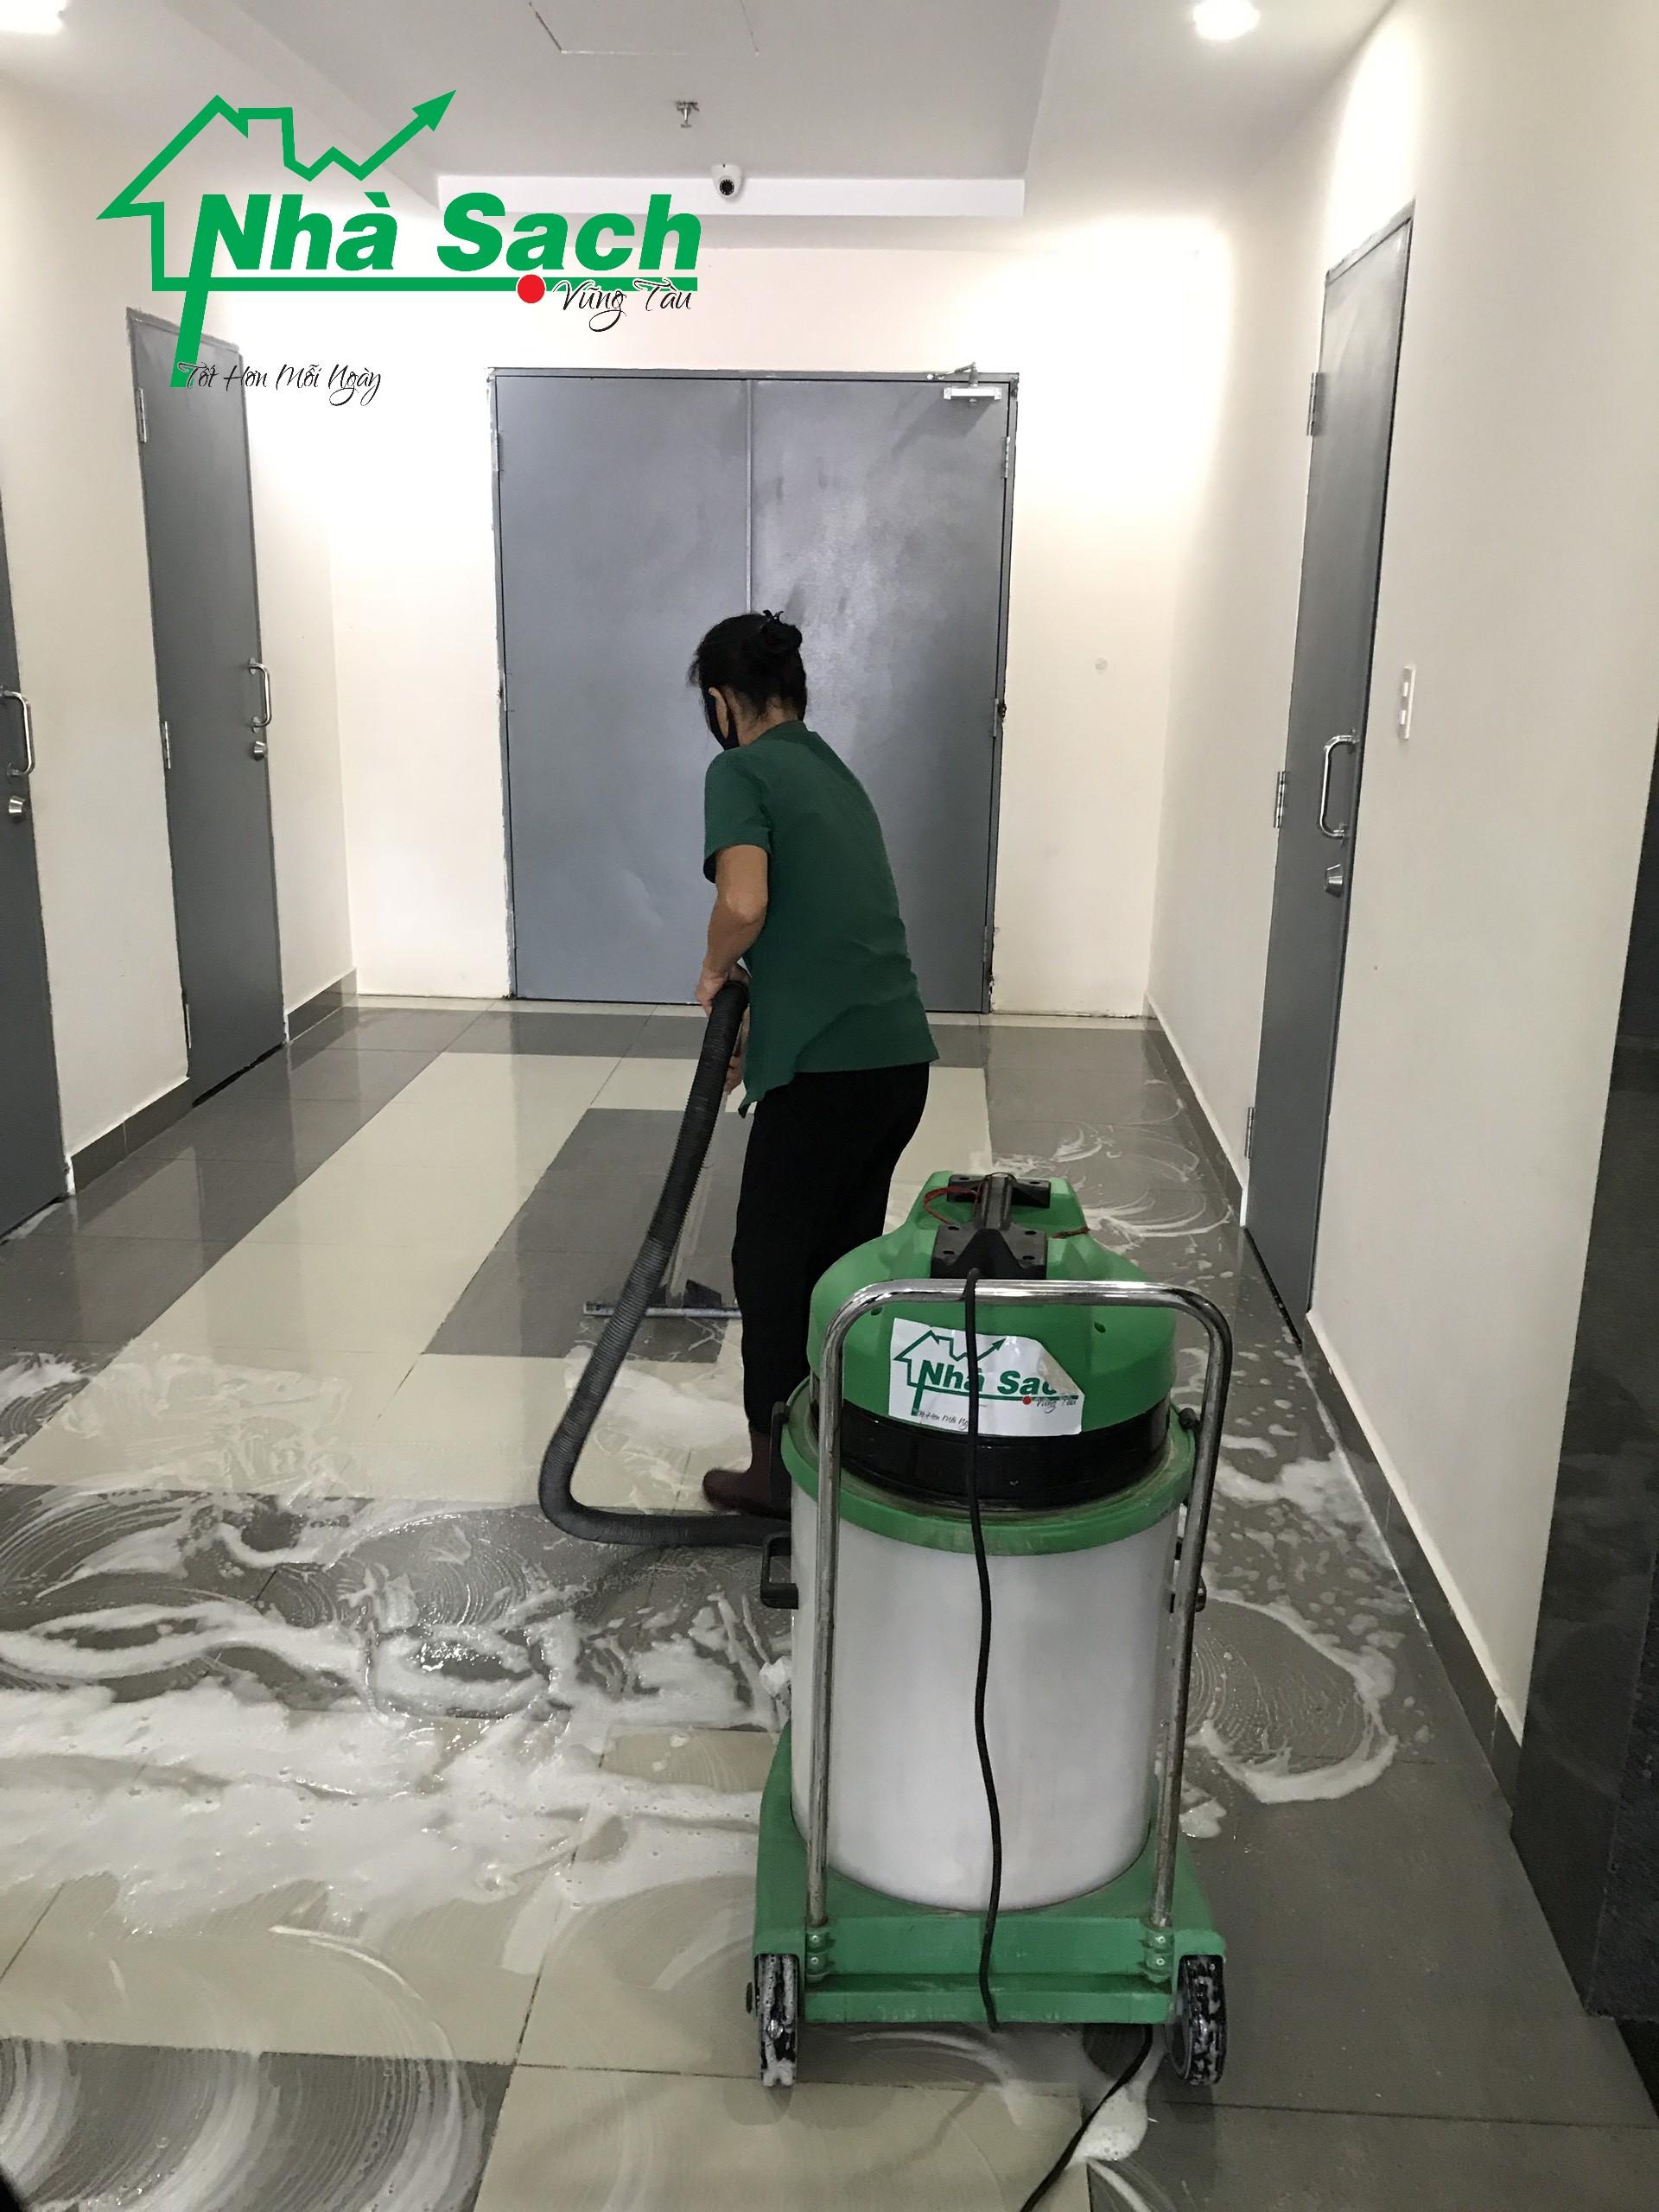 Sử dụng máy móc chuyên biệt để làm sạch toàn bộ mặt sàn. Đây là những bước thực hiện cần phải làm để vệ sinh công nghiệp sau xây dựng Tp HCM sạch sẽ và hoàn toàn đến 85%